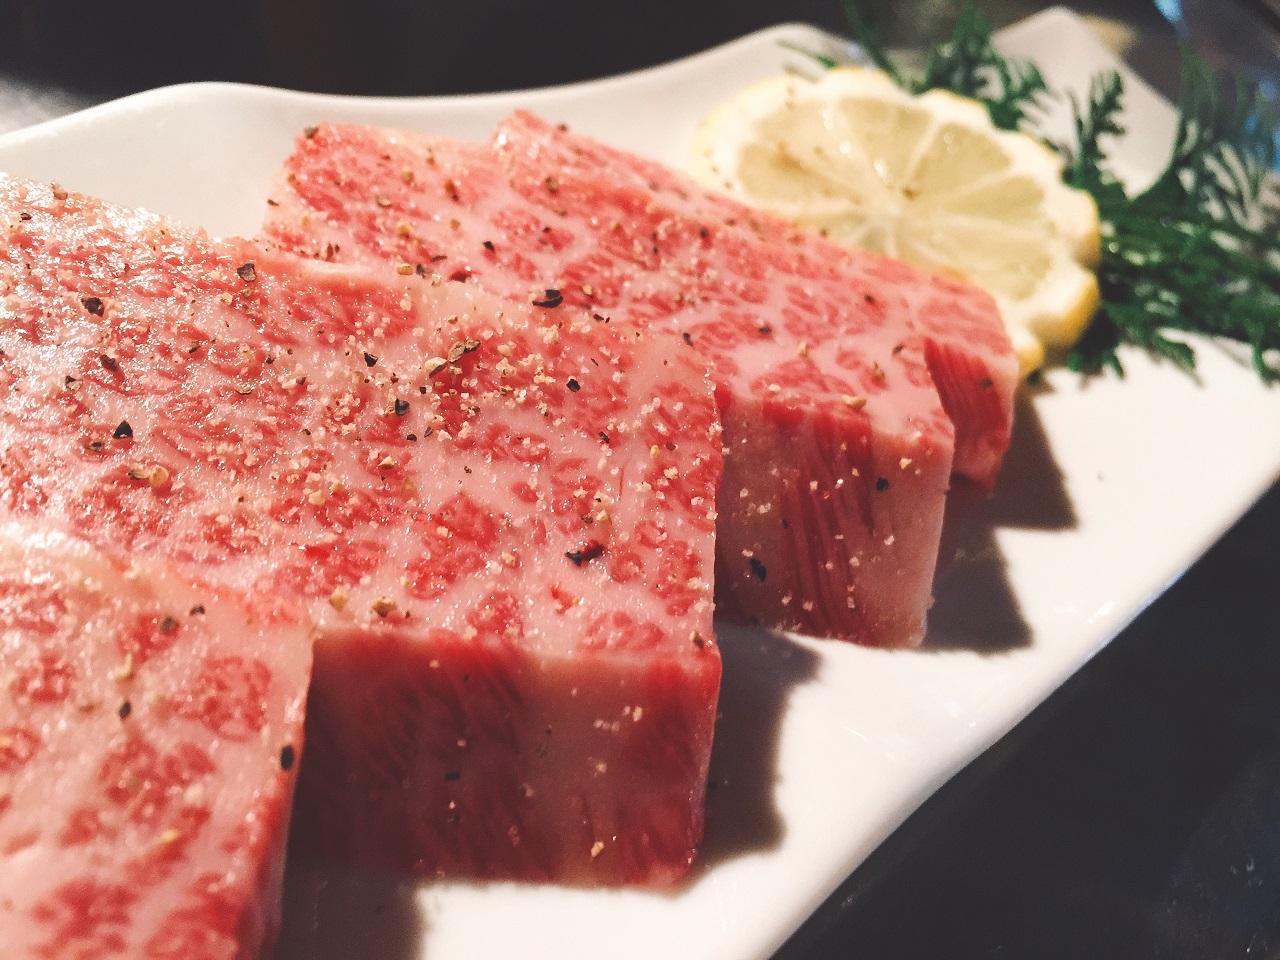 อาหาร จ. อิบารากิ (Ibaraki) - เนื้อฮิตาจิ (Hitachi Beef)